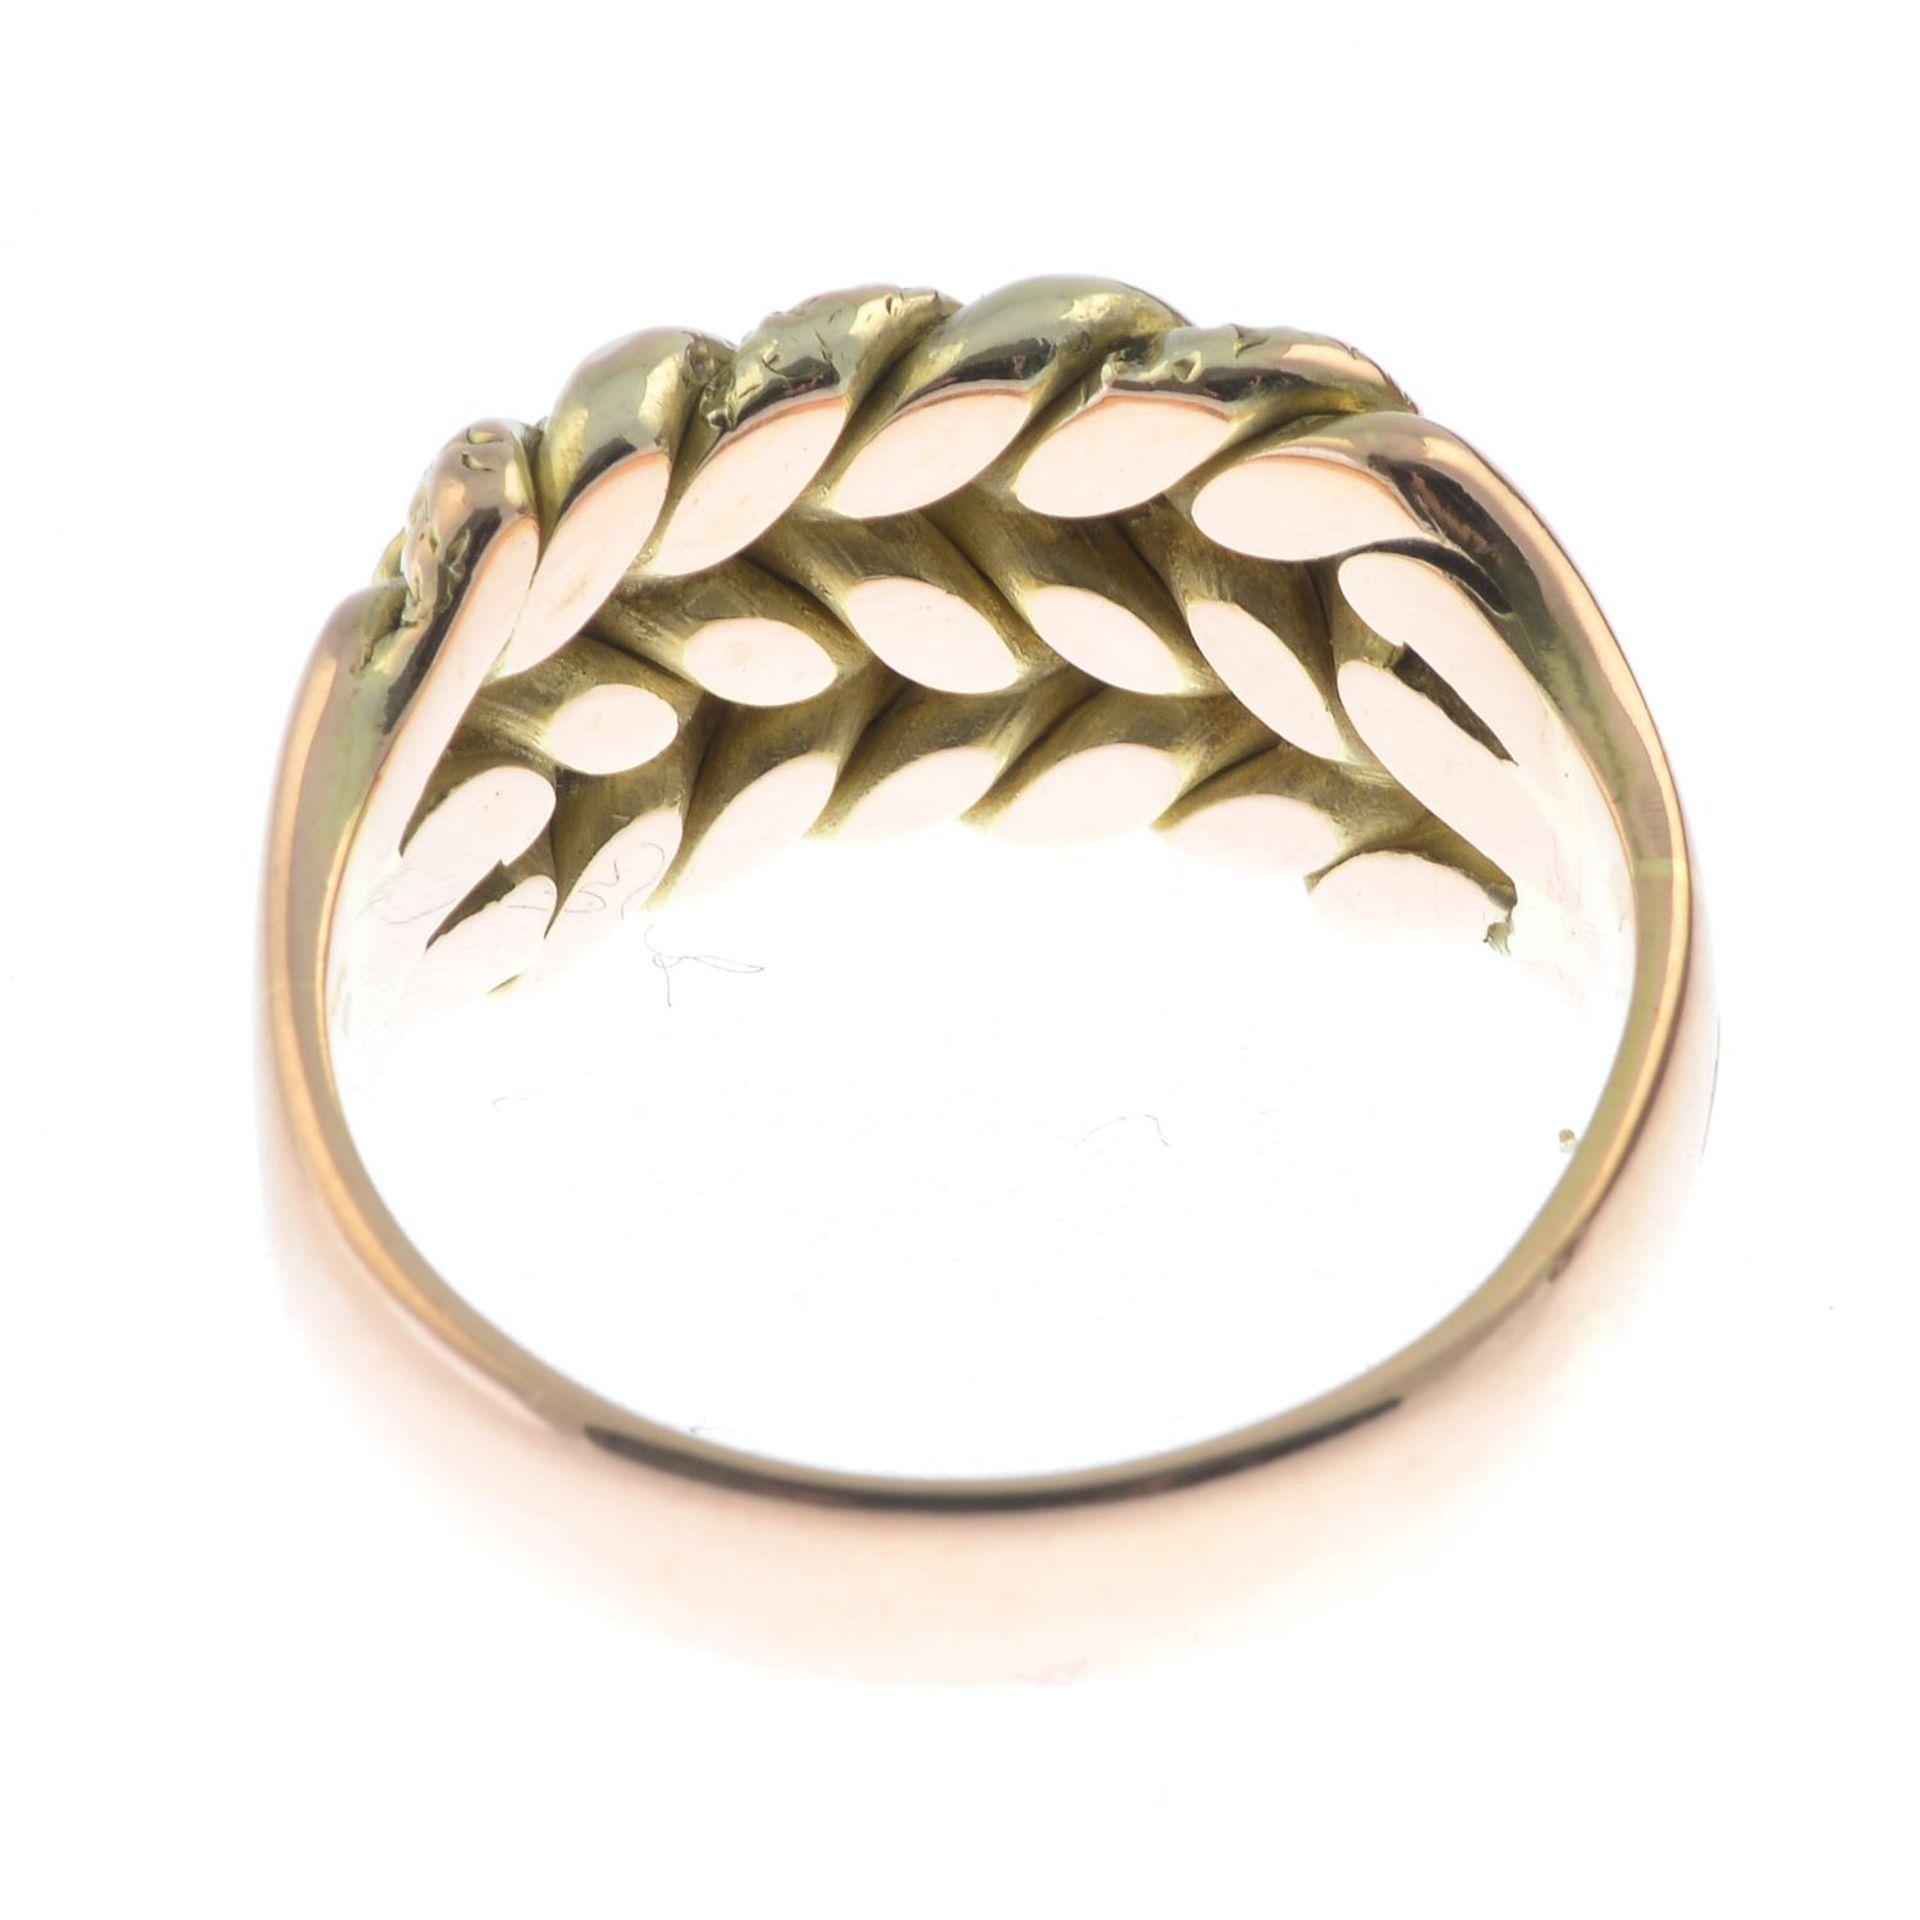 A gentleman's 9ct gold keeper ring.Hallmarks for Birmingham, 1971.Ring size U. - Bild 2 aus 2